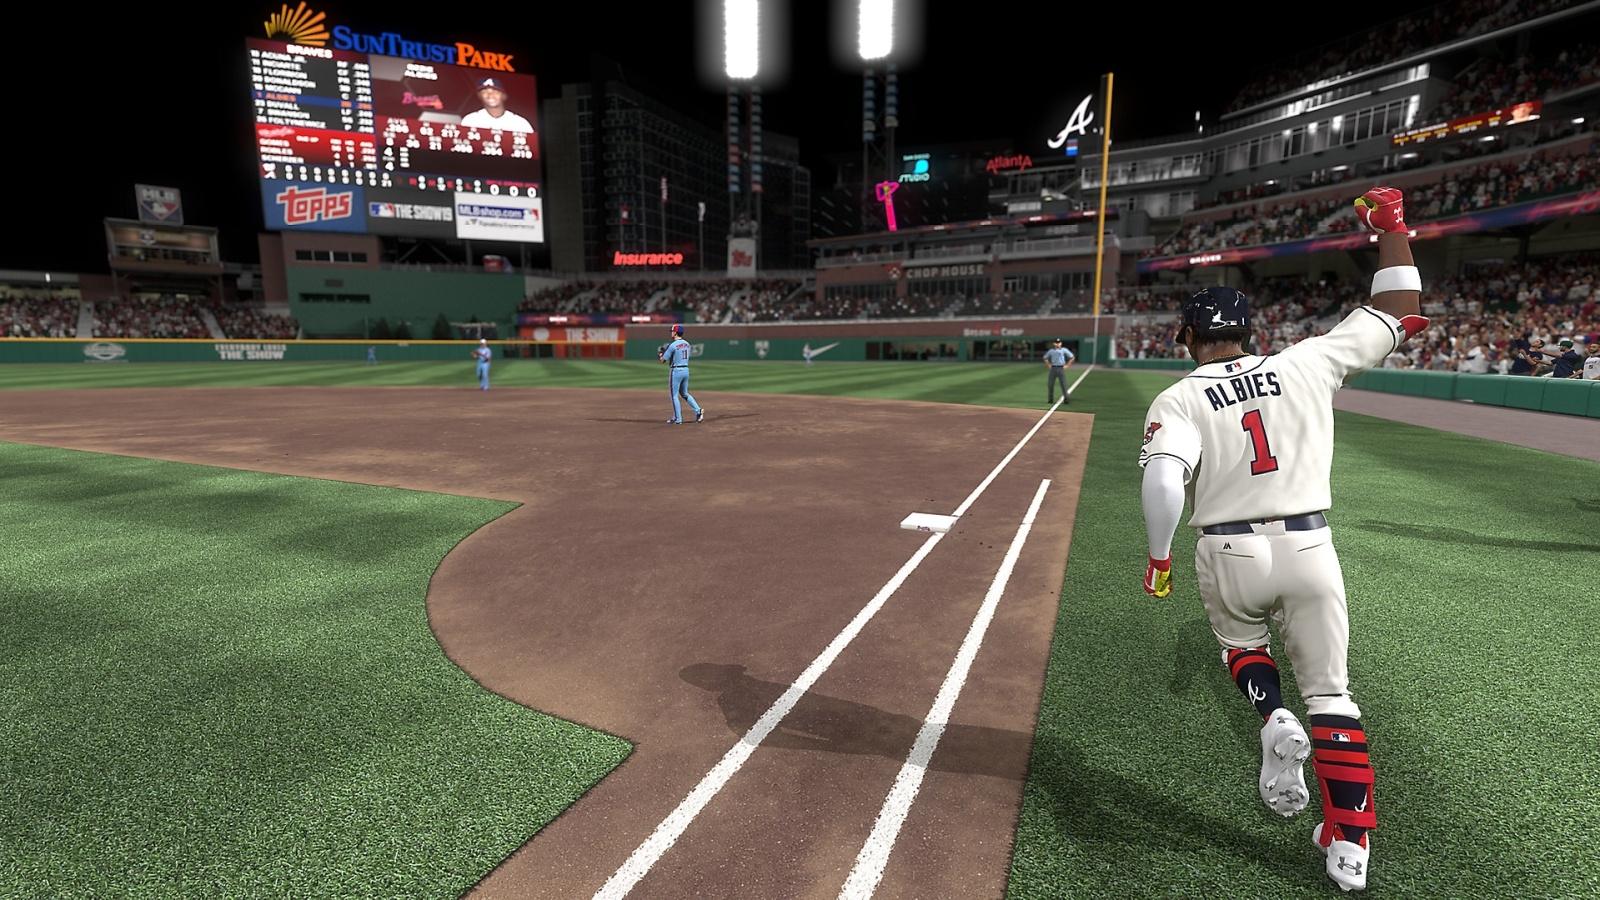 MLB The Show21 от Sony появится в день выхода в Xbox Game Pass